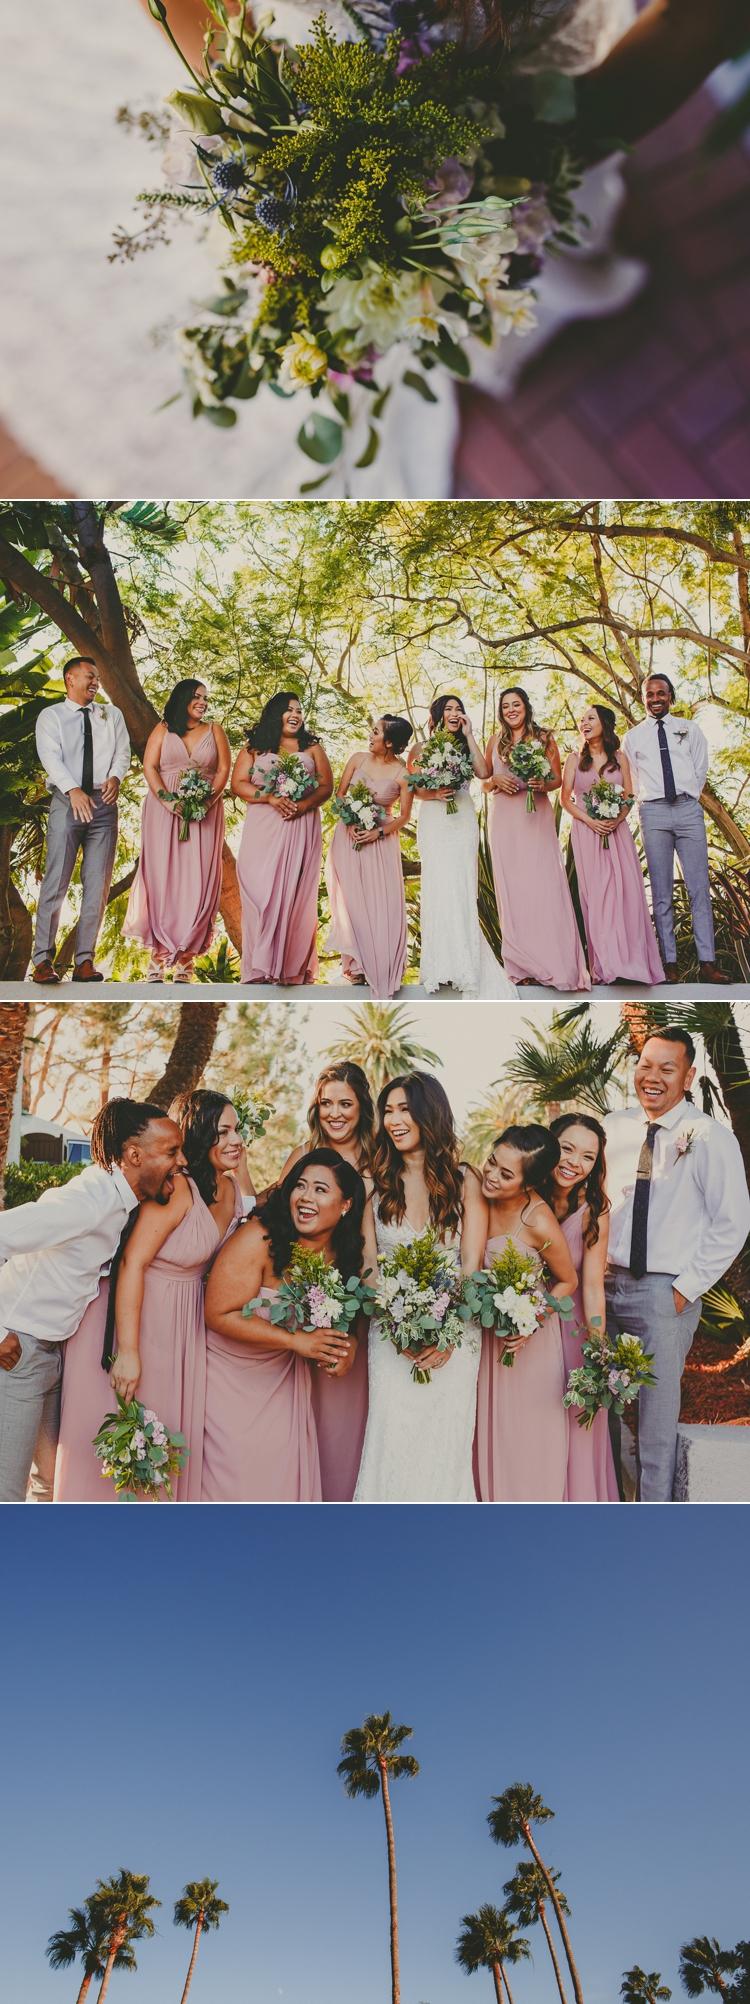 Tustin Ranch Golf Club Weddings